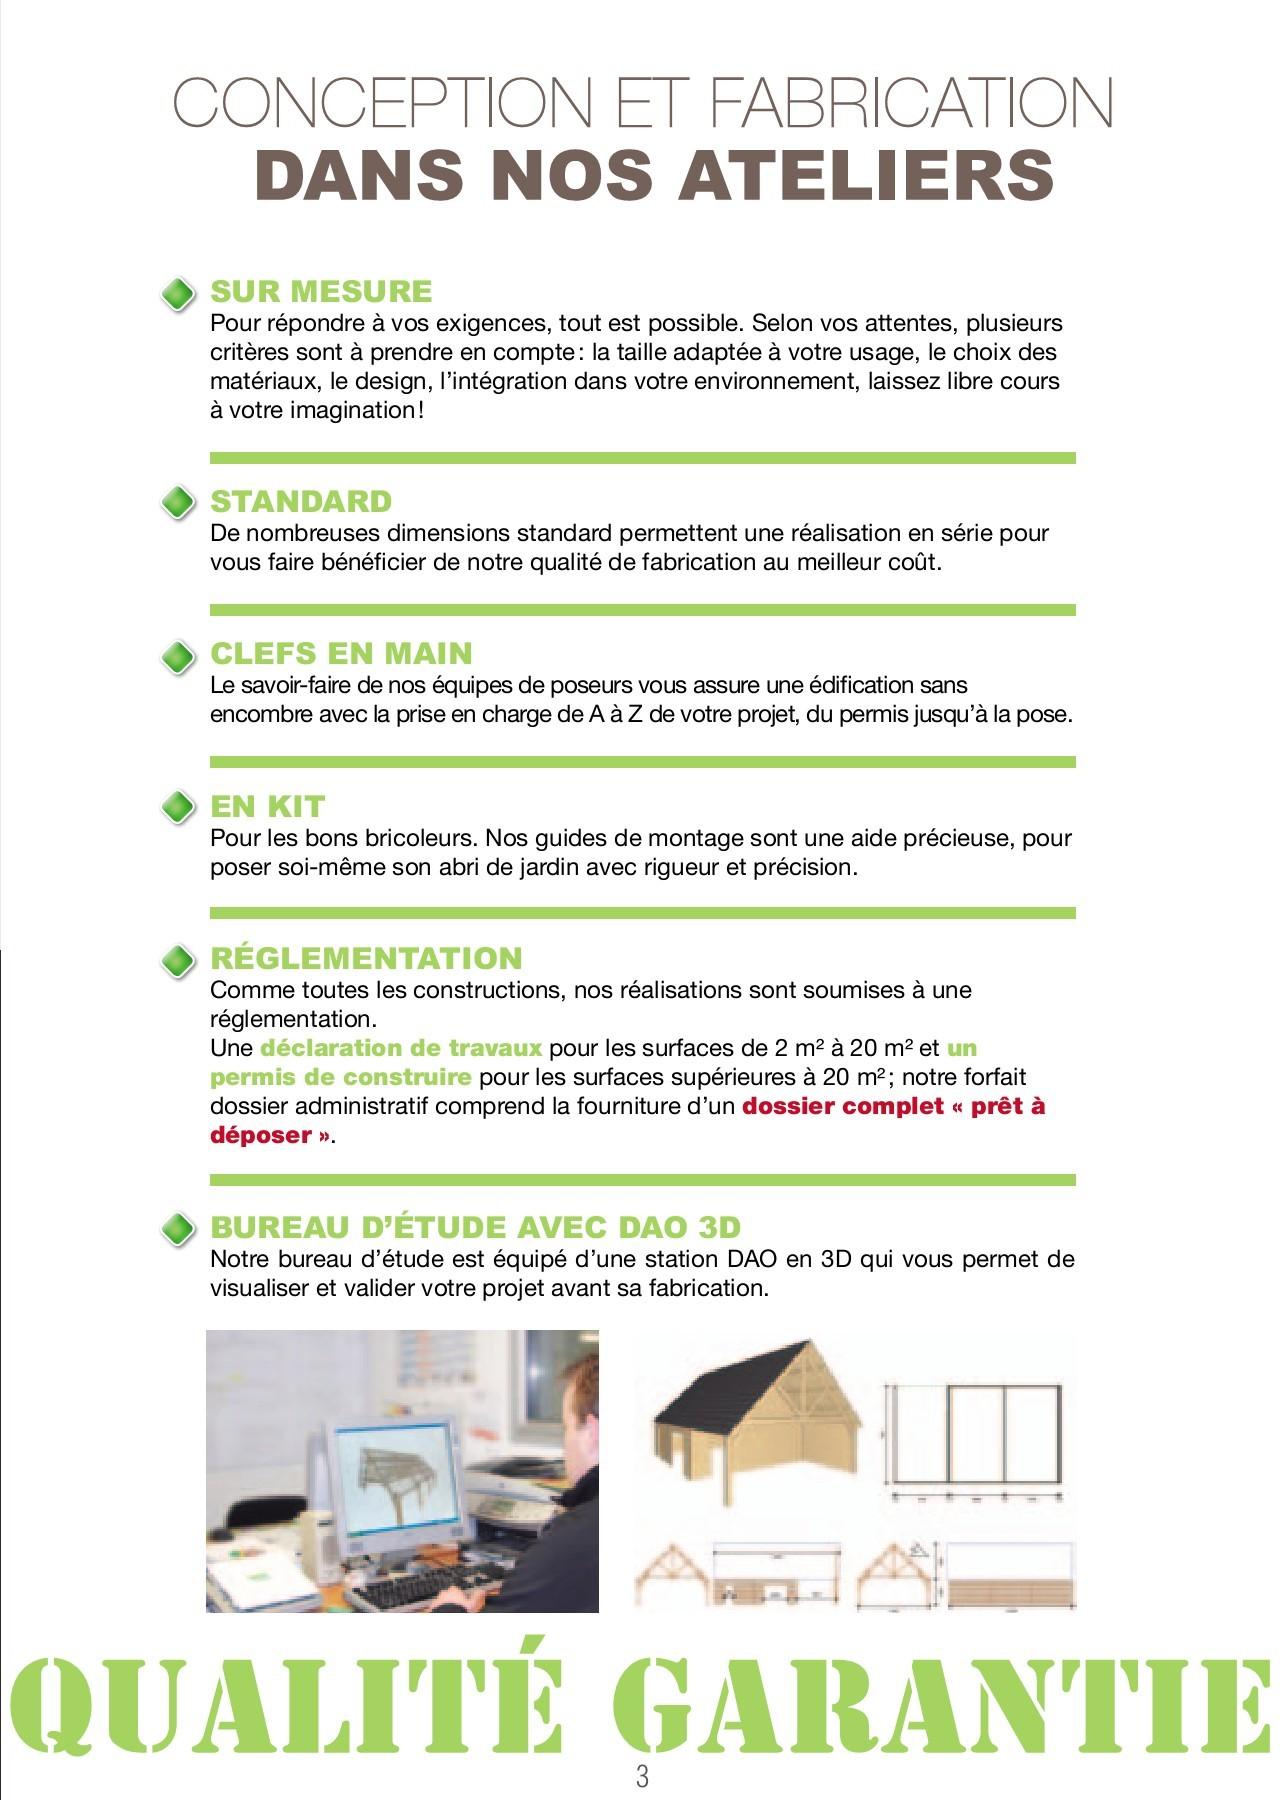 Abri De Jardin Permis De Construire Charmant Fabricant Poseur Pages 1 16 Text Version